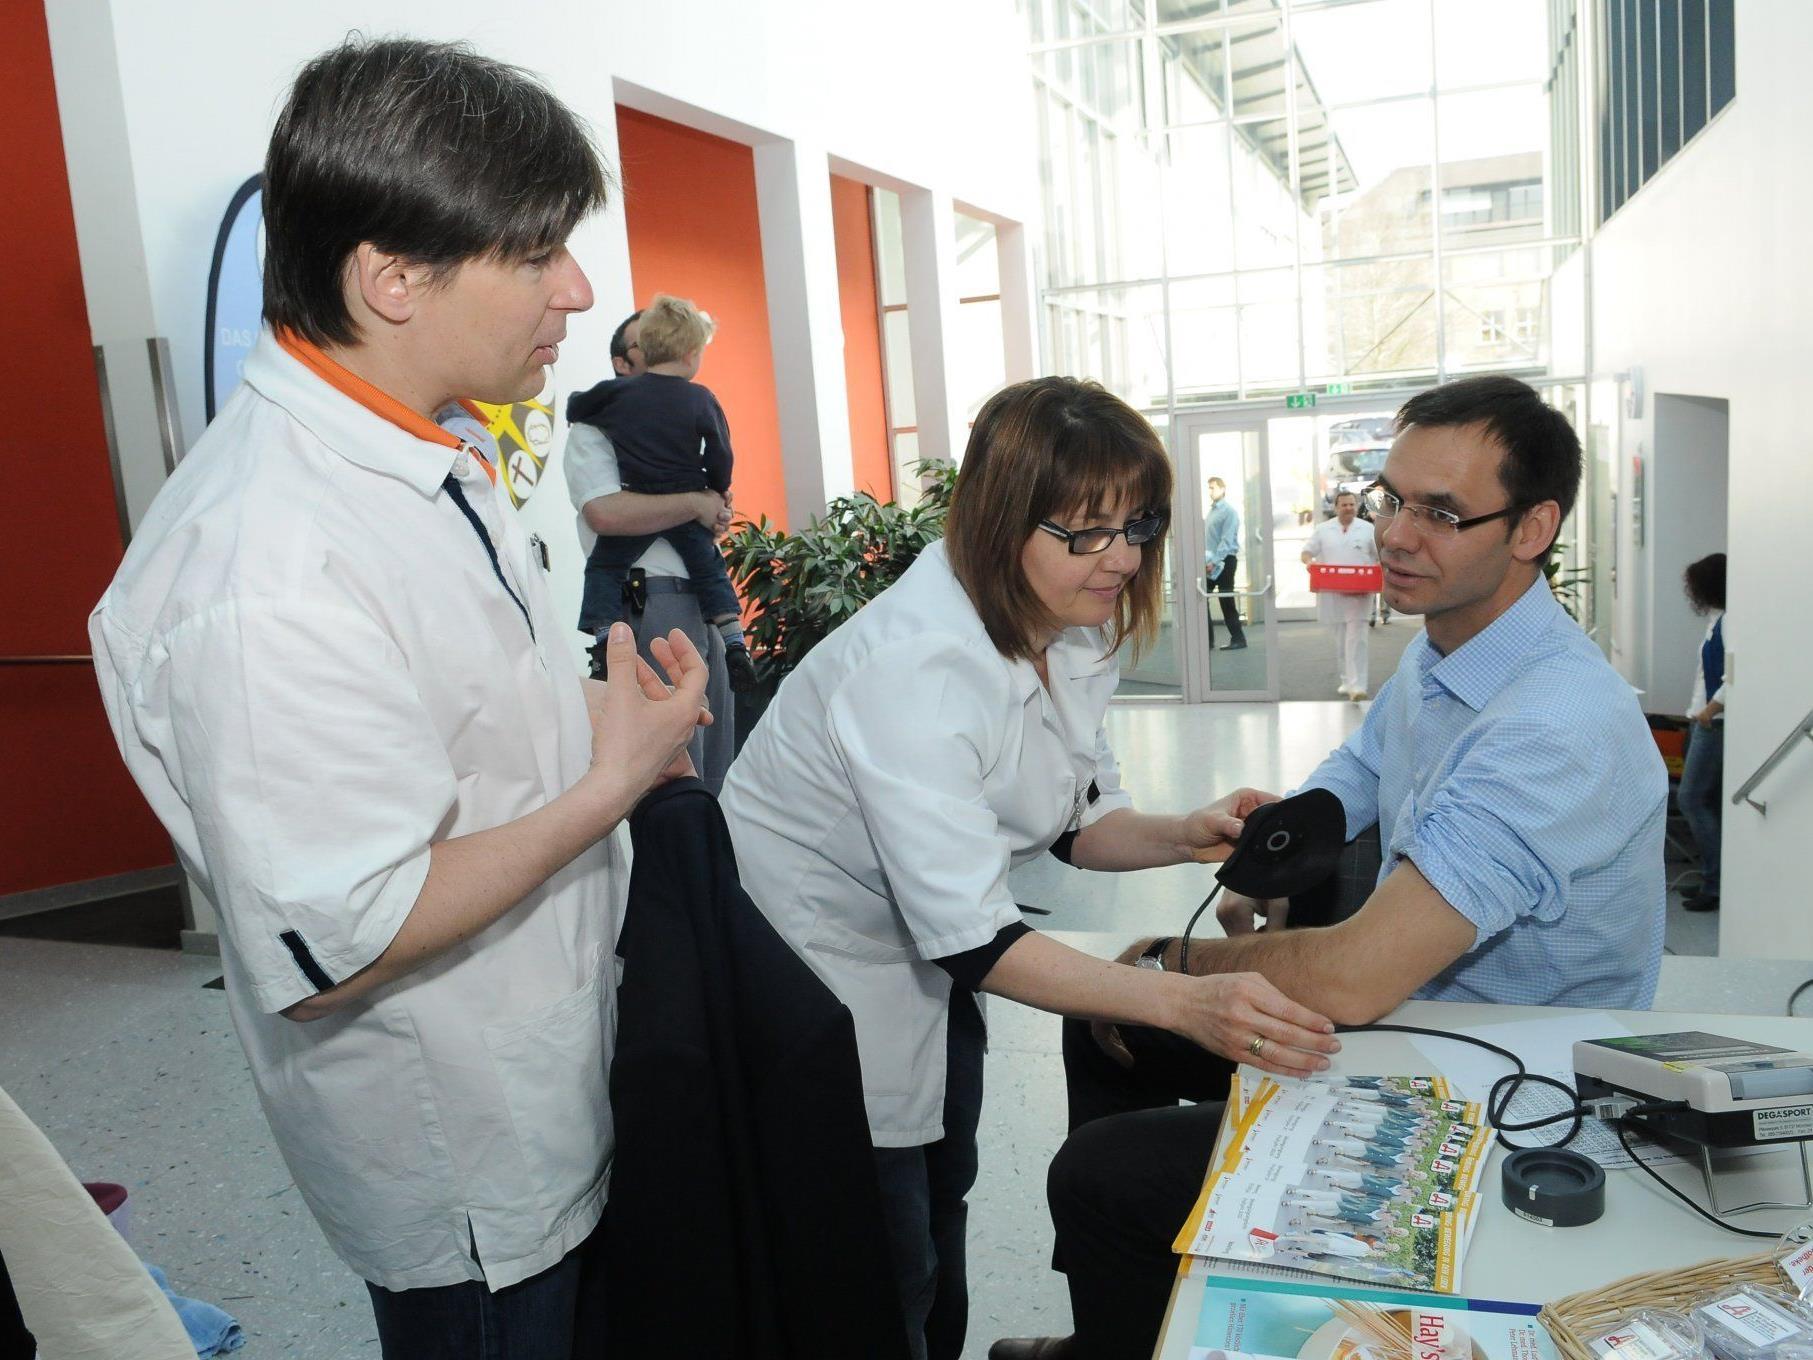 Der letzte Gesundheitstag 2010 - Mag. Markus Wallner